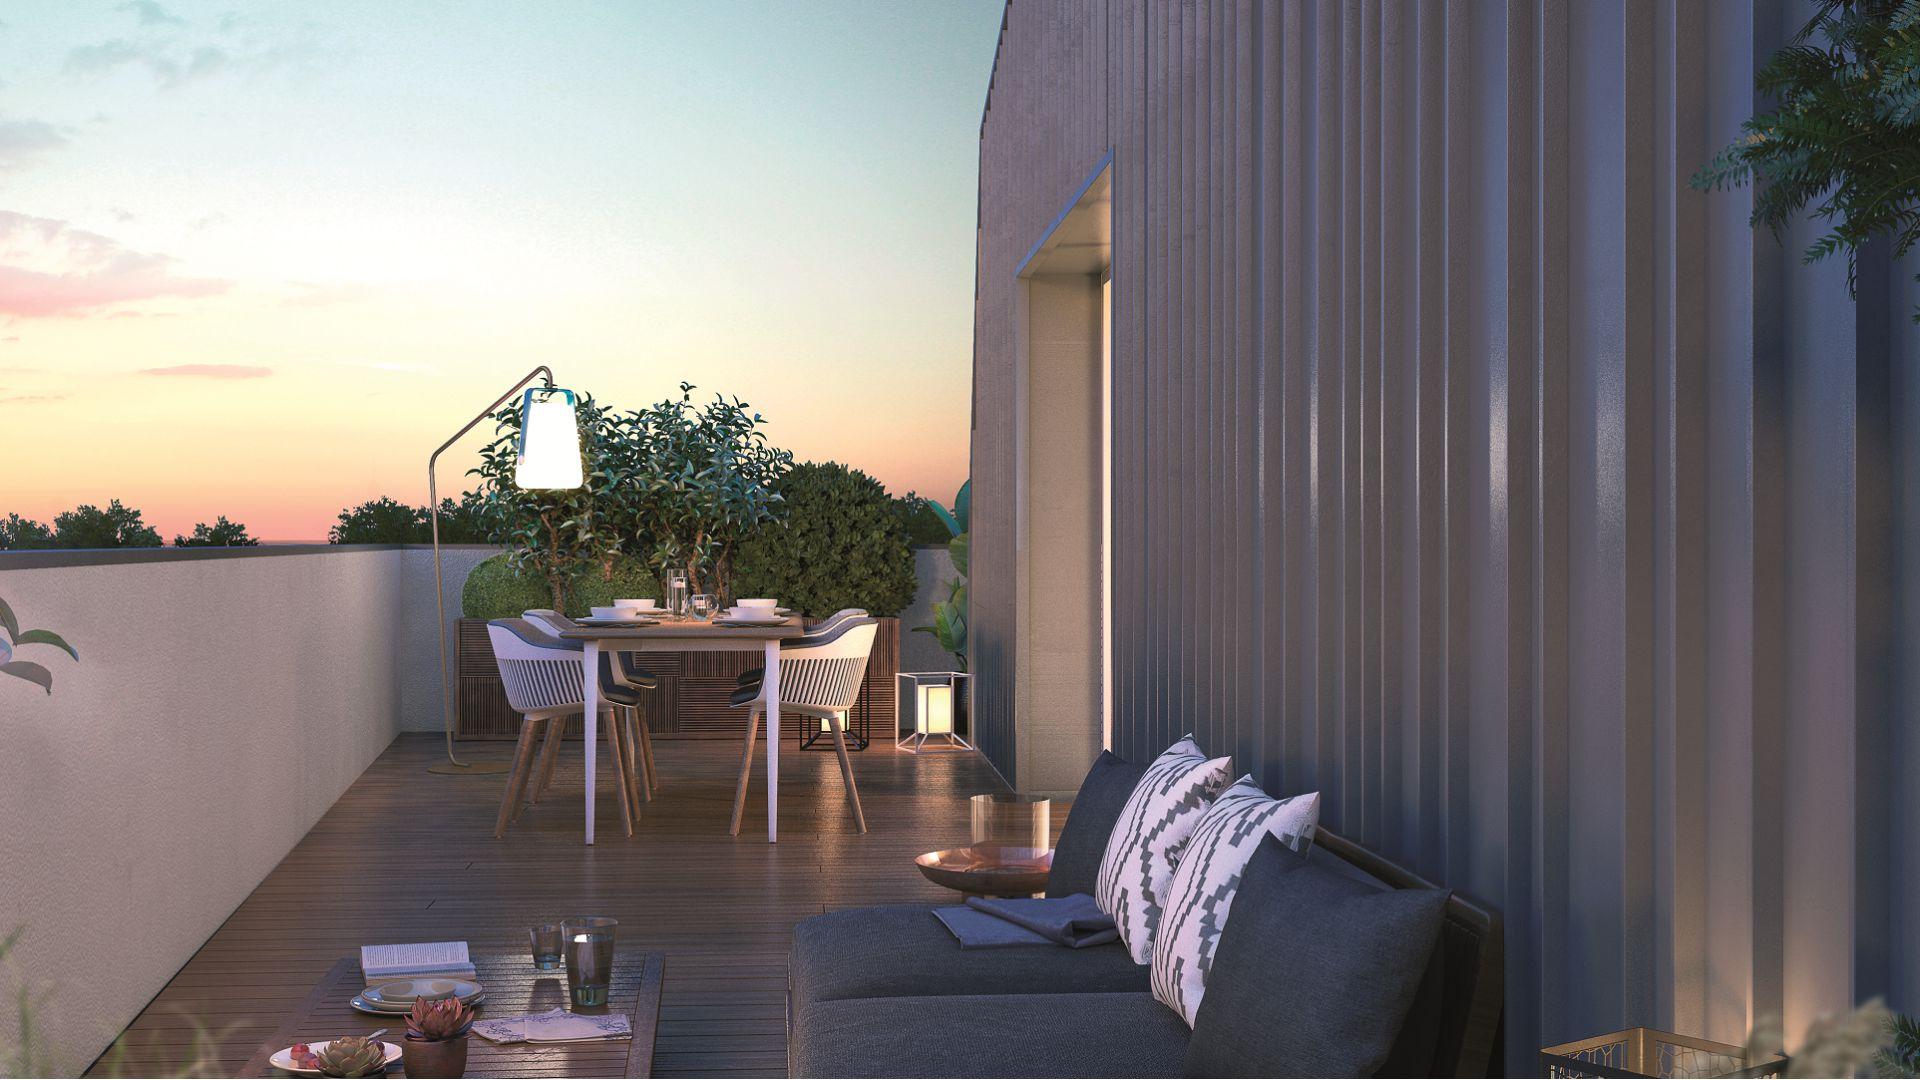 GreenCity immobilier - Toulouse - route de Narbonne - 31400 - Résidence L'Absolu - appartements neufs du T2 au T4 - vue terrasse